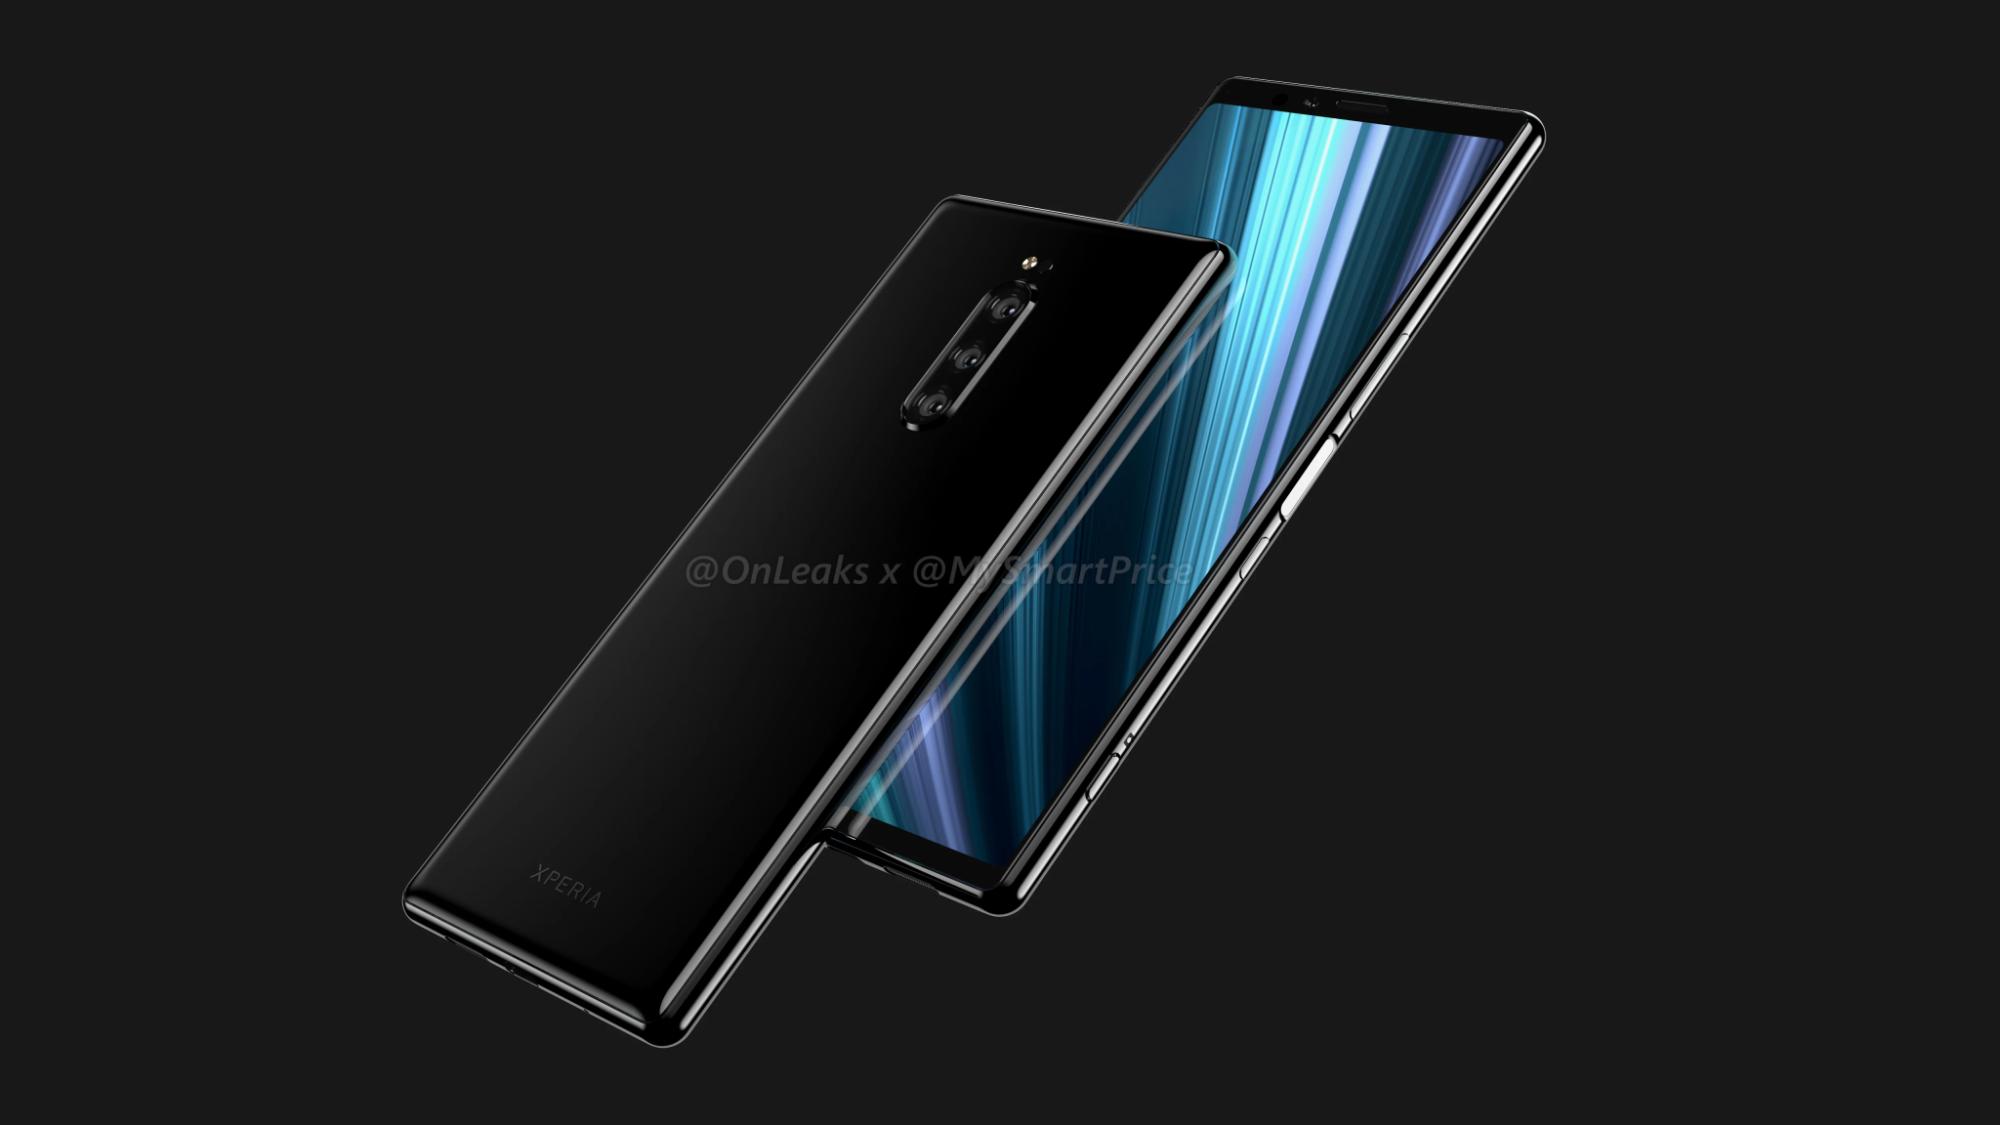 Sony-Xperia-XZ4-AIO-1-e1544785948834